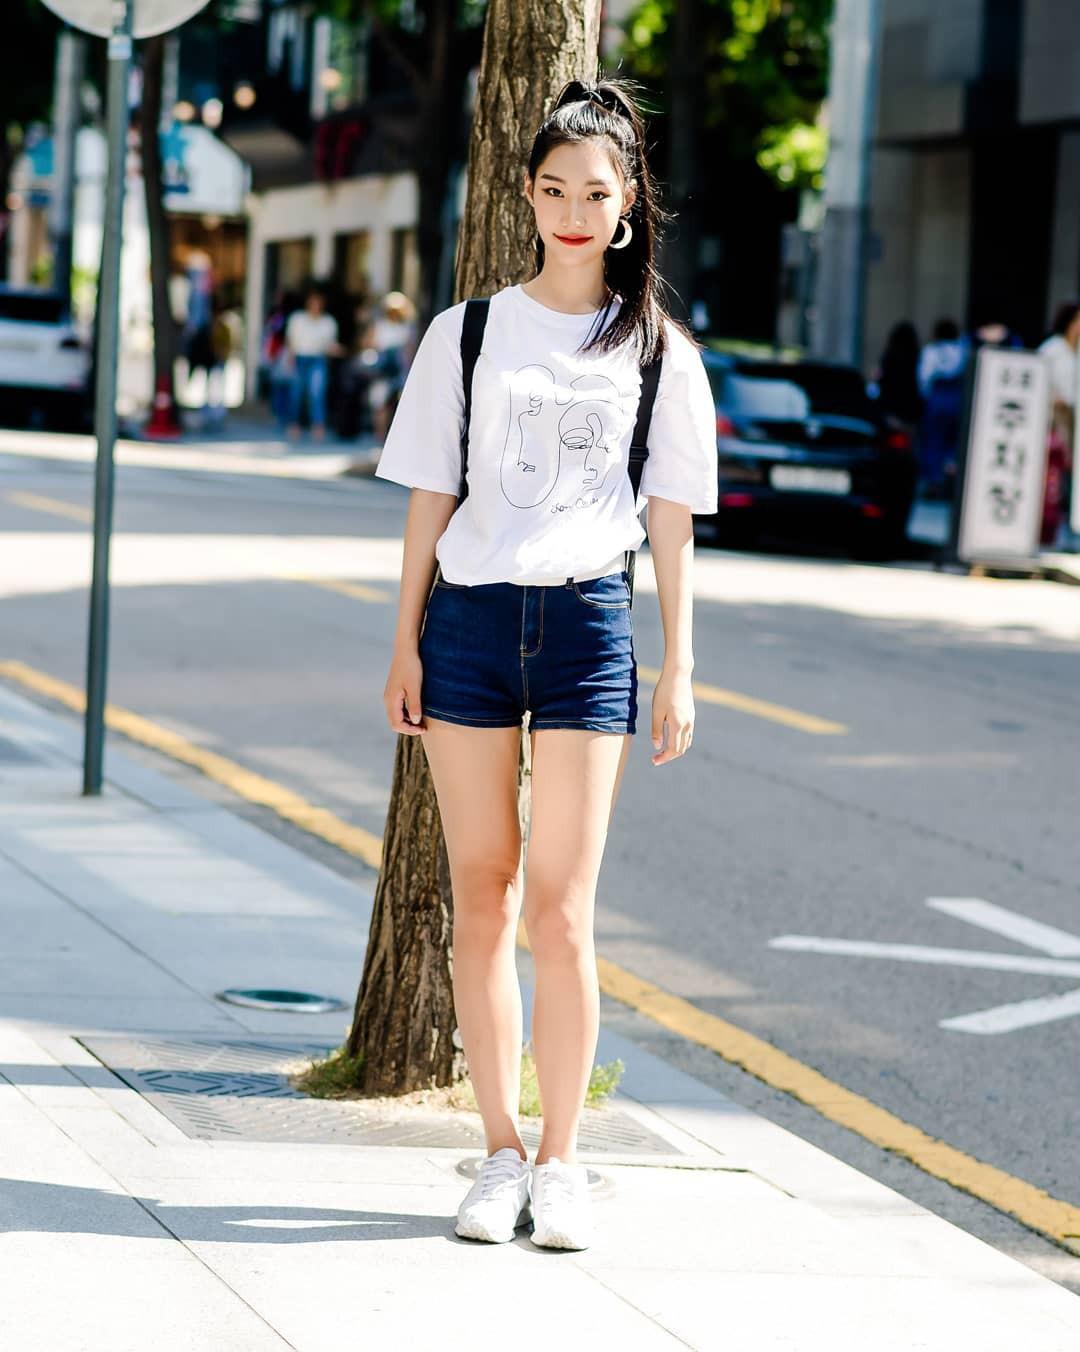 Toàn đồ đơn giản nhưng lại có những cú twist chẳng ai nghĩ ra, street style của giới trẻ Hàn sẽ khiến bạn phục sát đất - Ảnh 5.